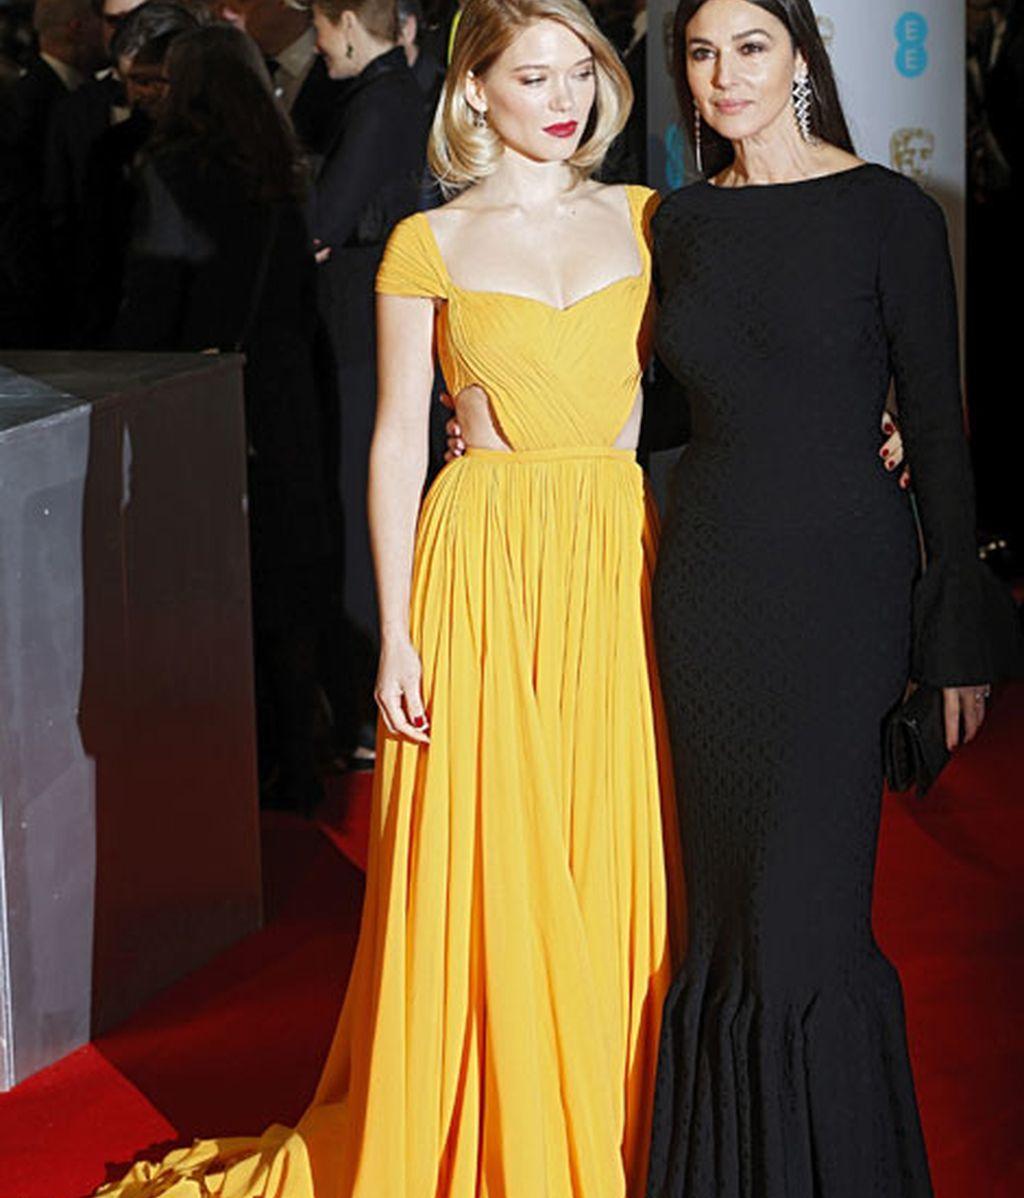 La actriz francesa Lea Seydoux y la actriz italiana Monica Bellucci